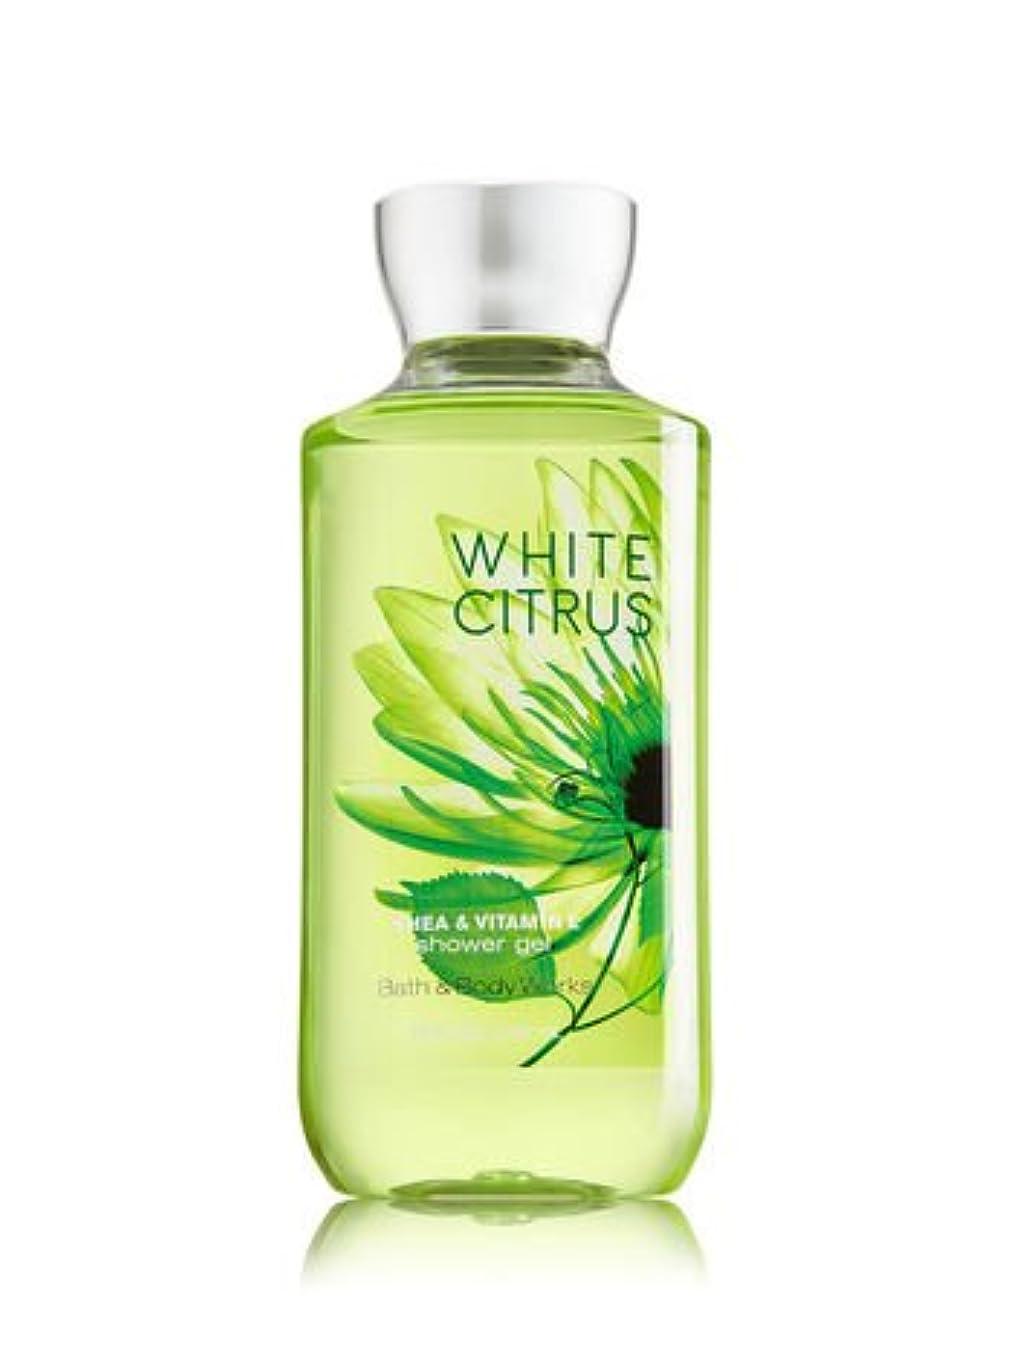 ノート放棄特許バス&ボディワークス ホワイトシトラス シャワージェル White Citrus Shower Gel [並行輸入品]